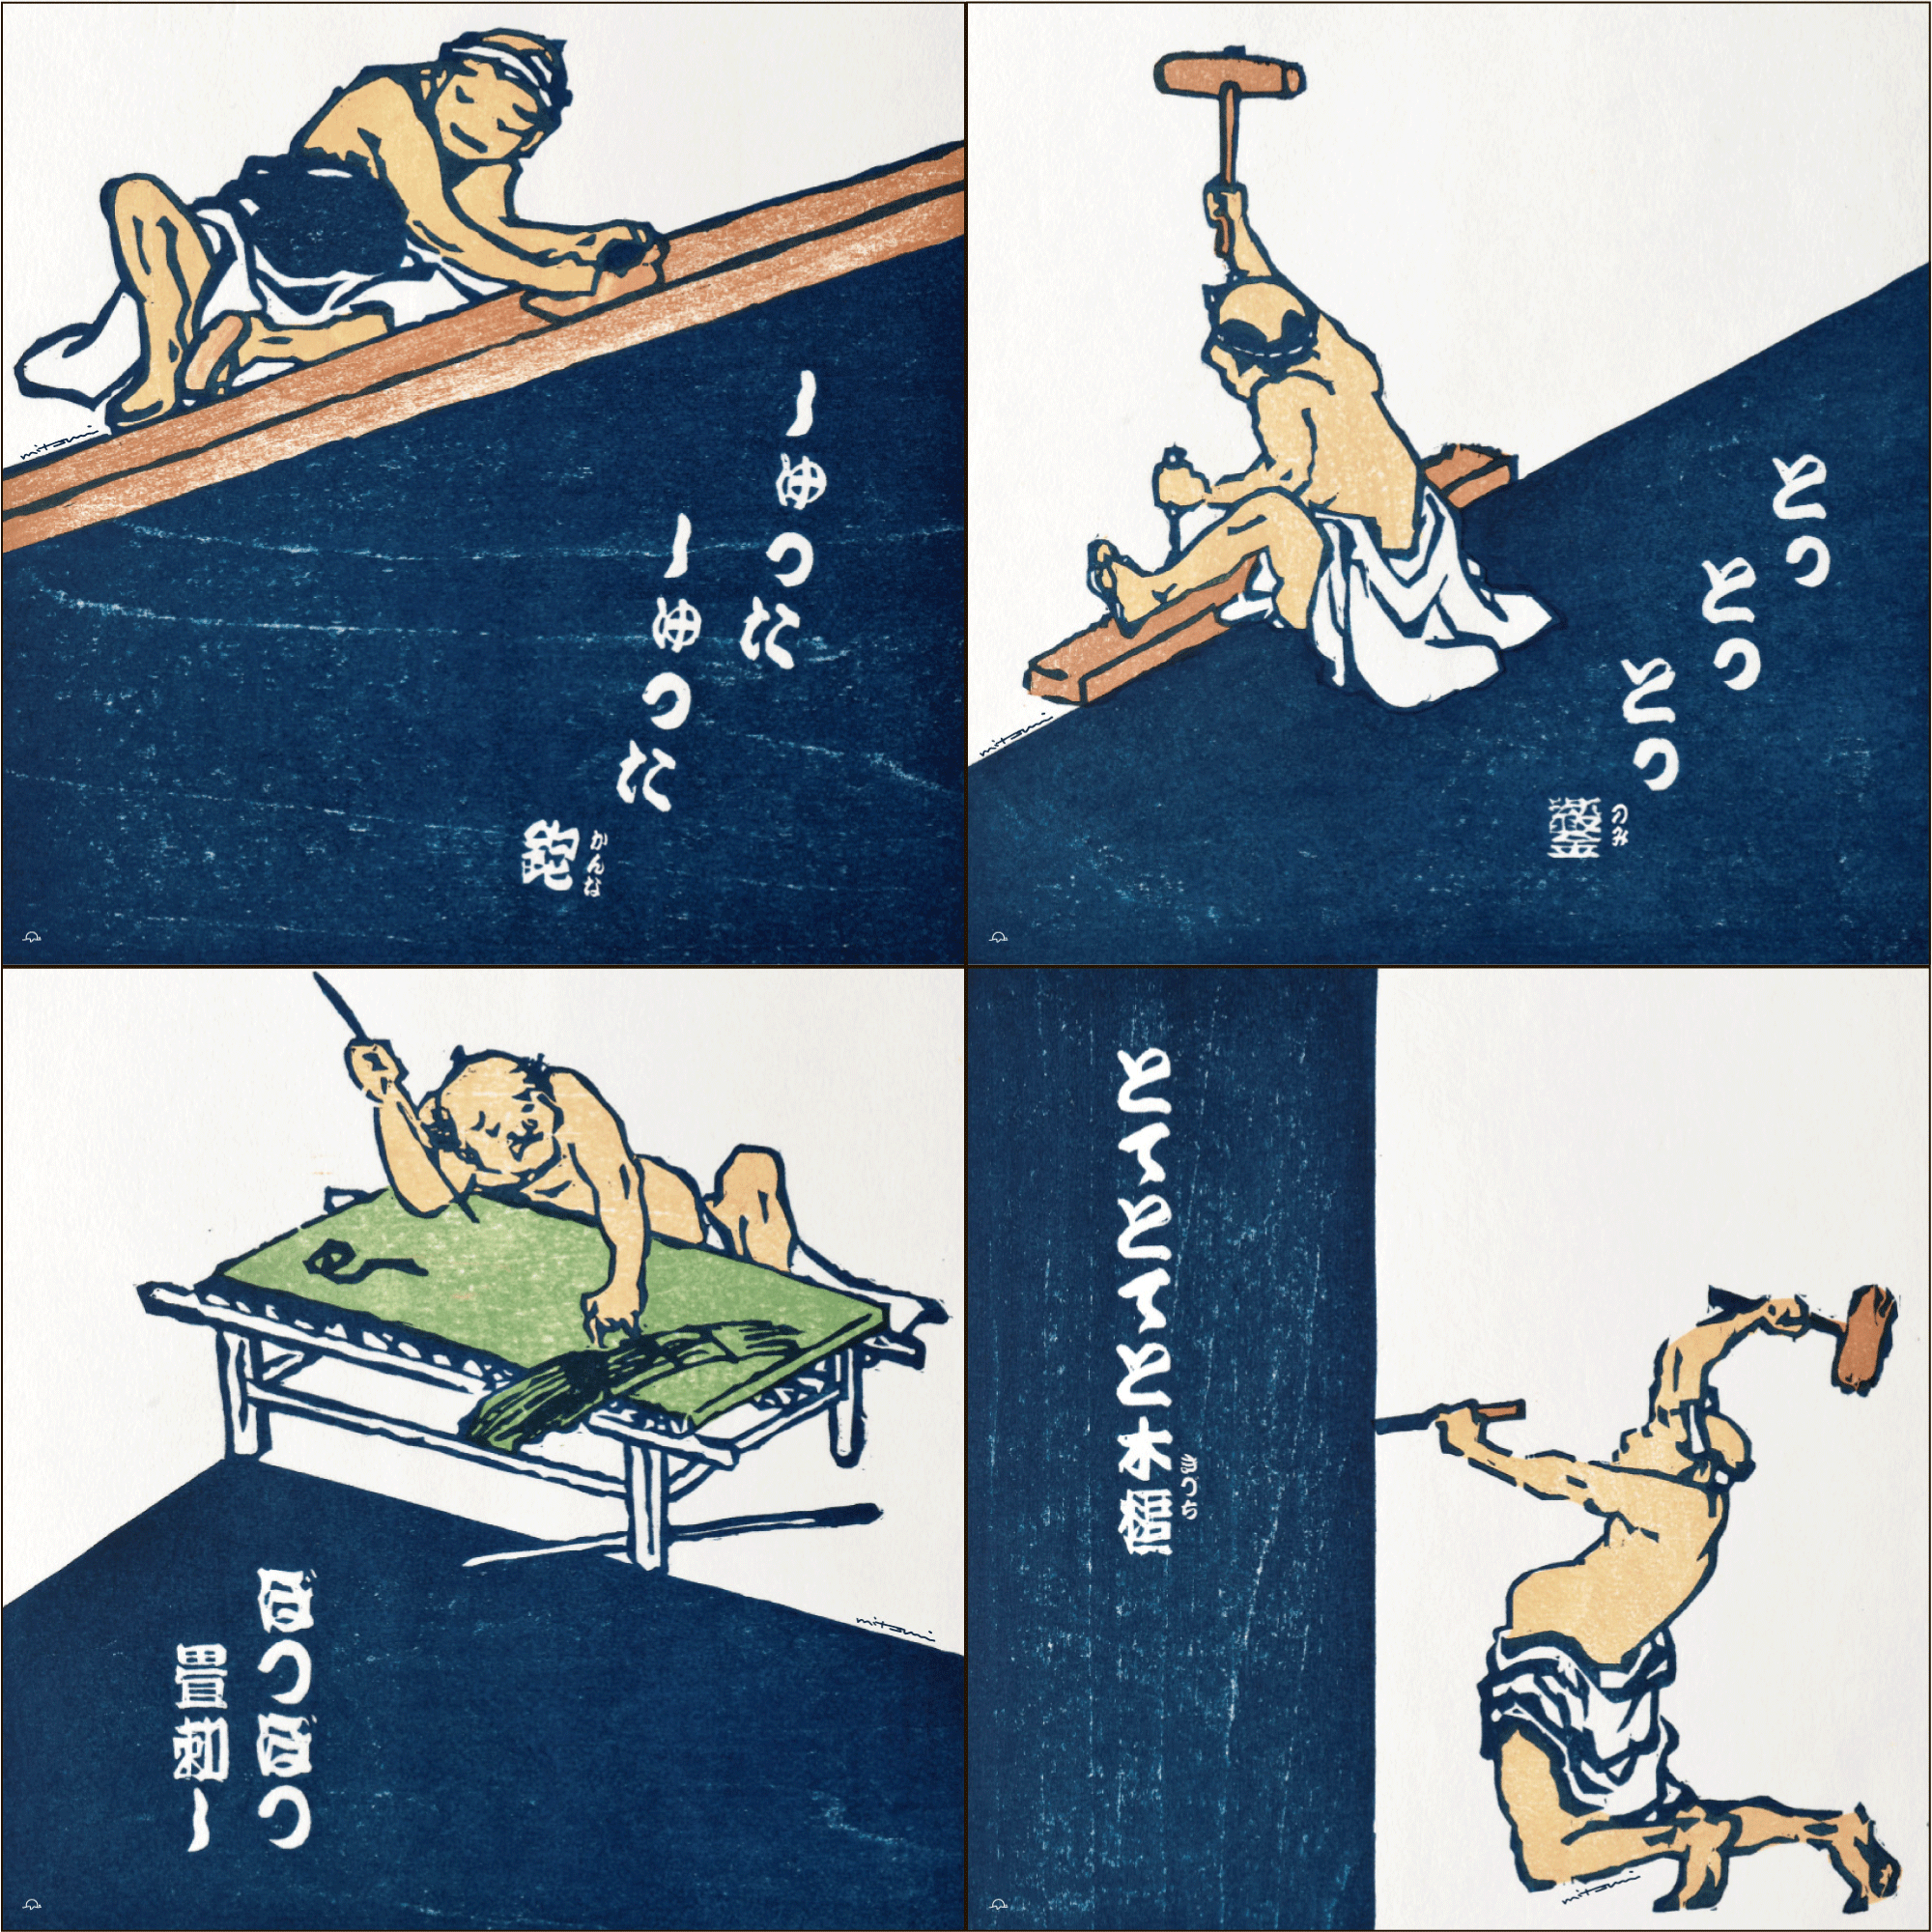 たかだみつみ 江戸の職人〜北斎〜